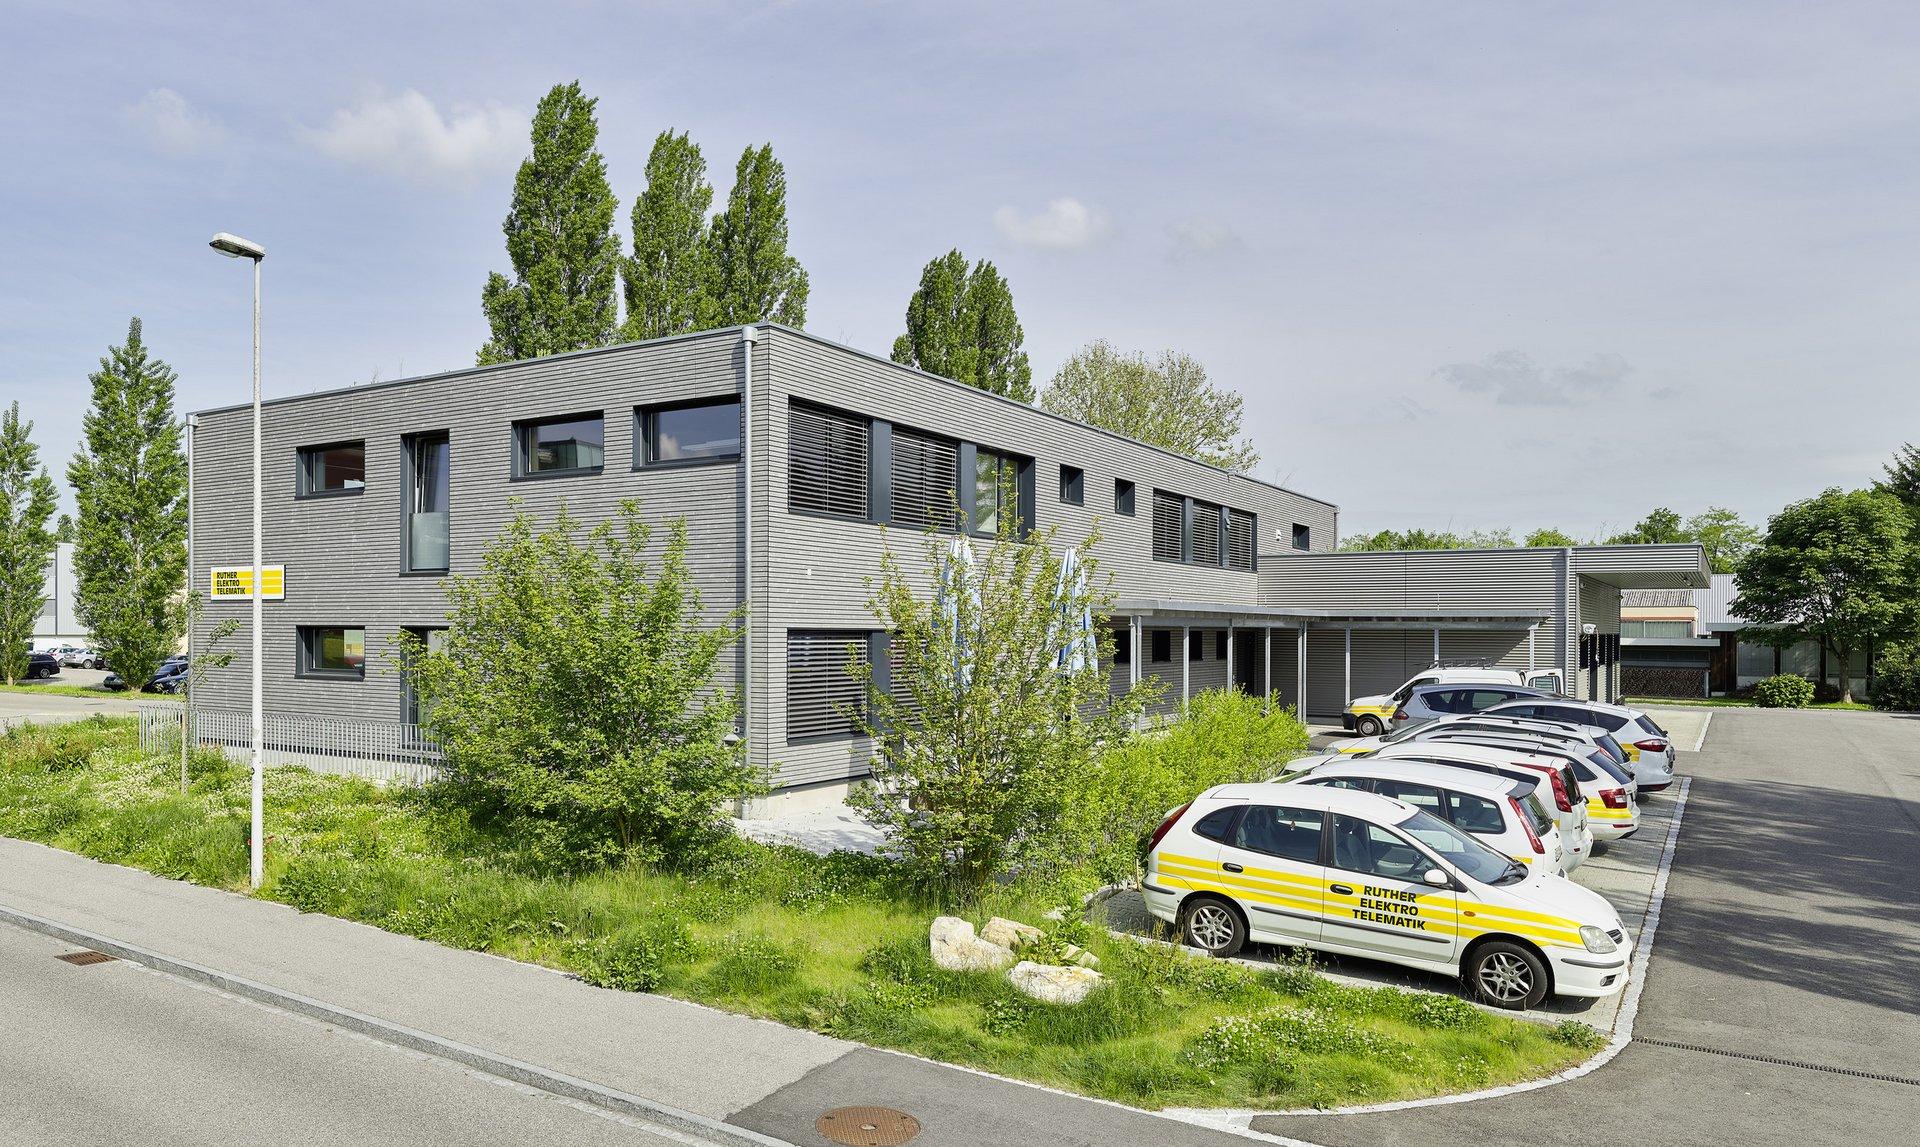 Bâtiment bureau à 2 étages à agencement régulier des fenêtres